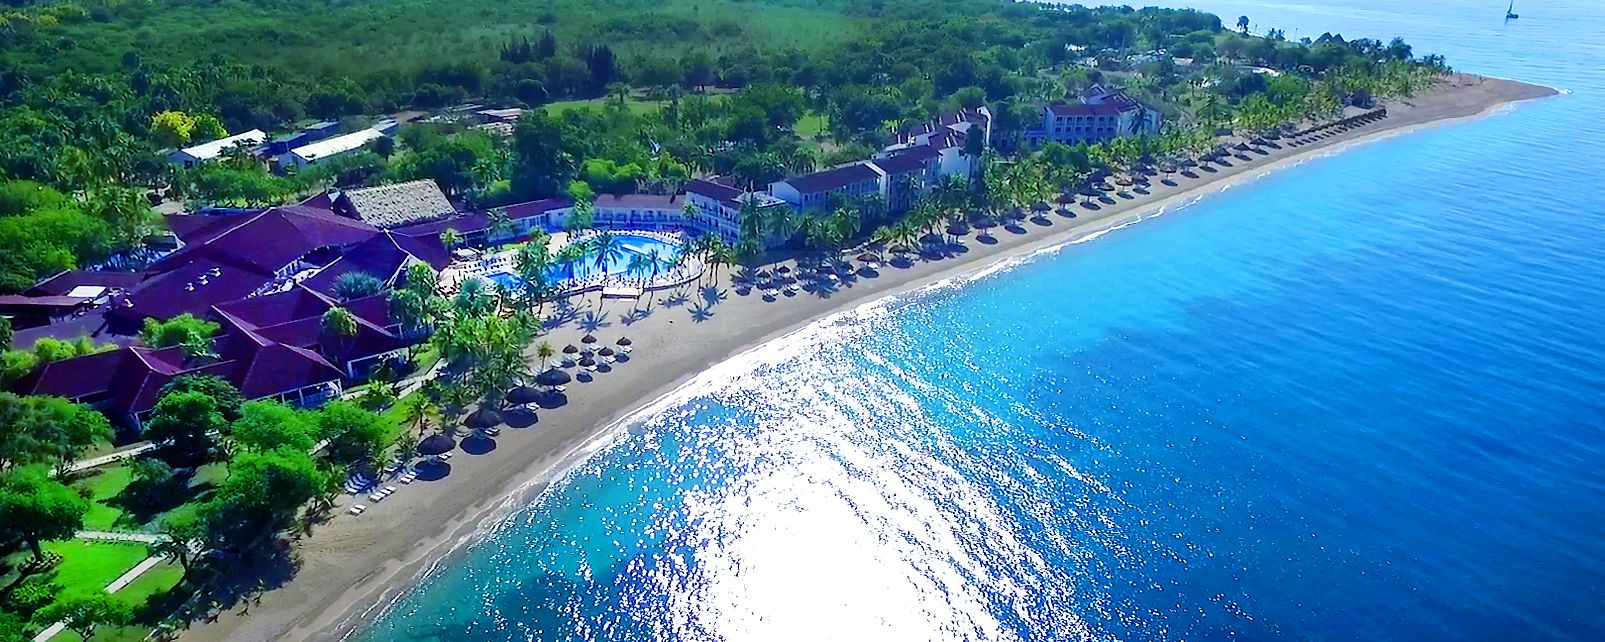 Club Lookéa Magic Haïti / Indigo Beach Resort & Spa